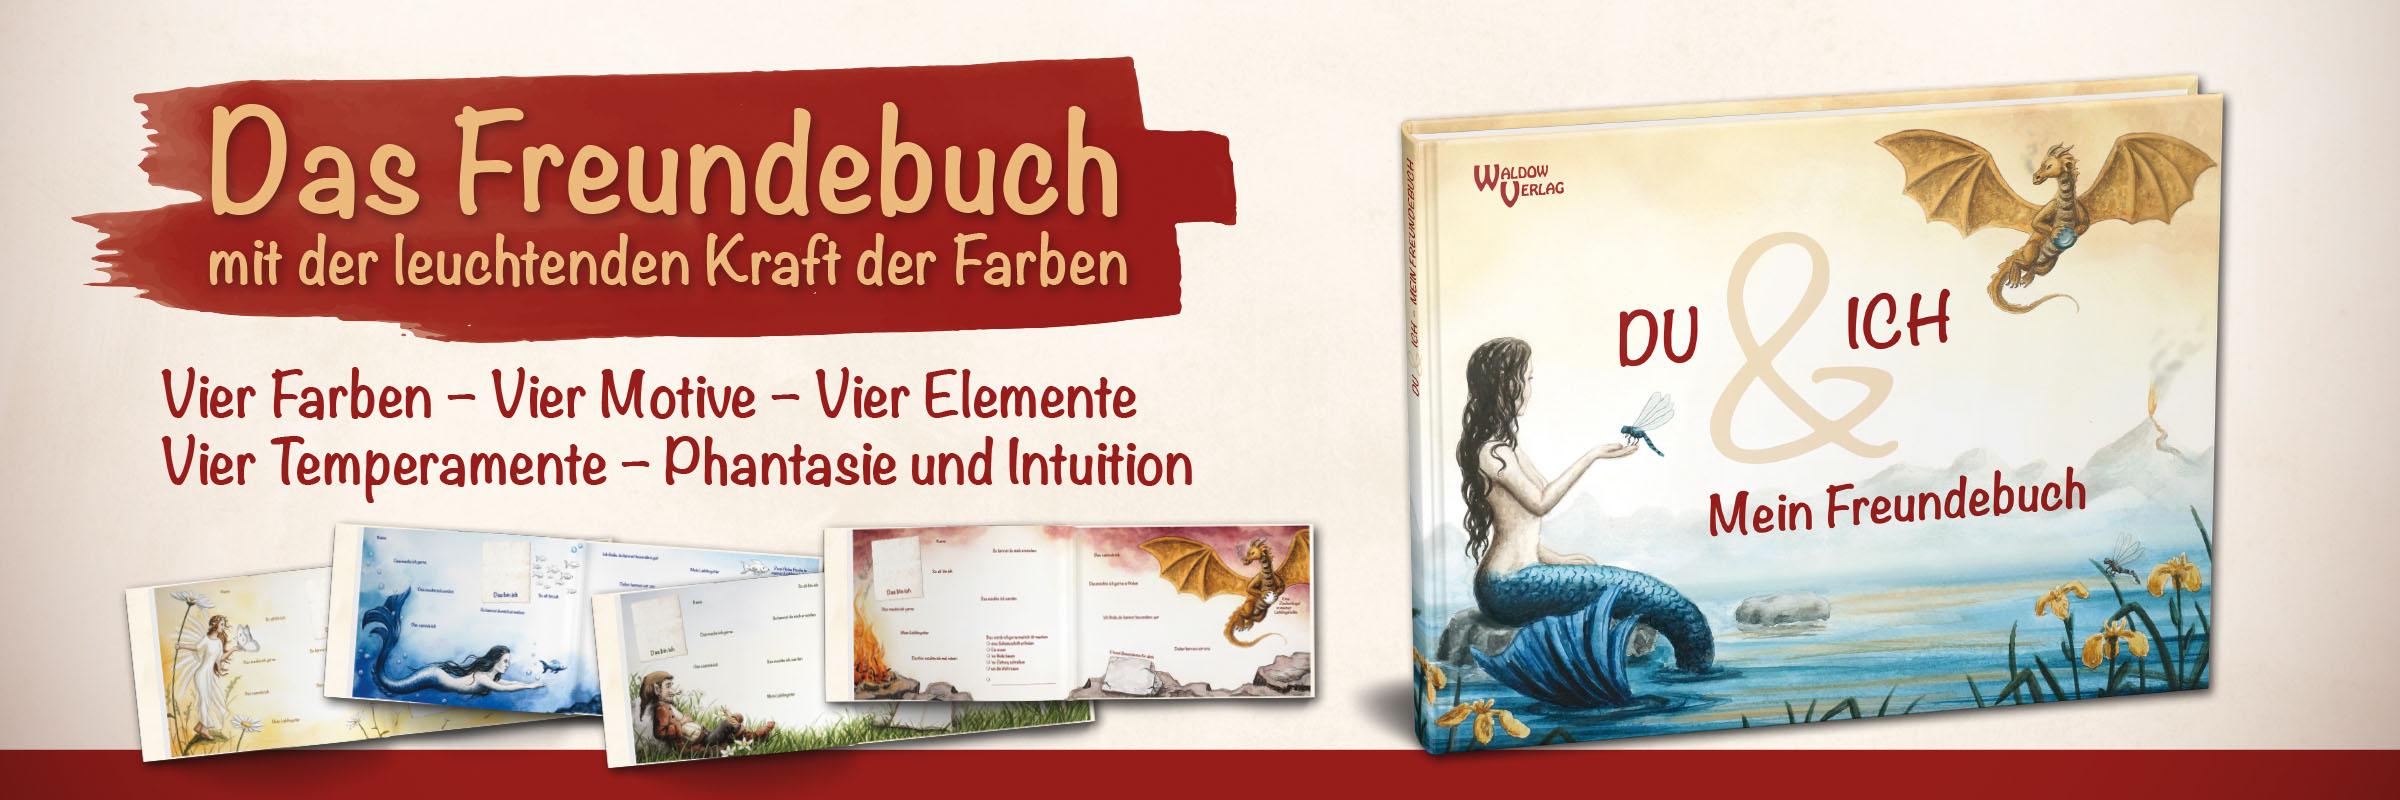 Teaser_Freundebuch_2400x800